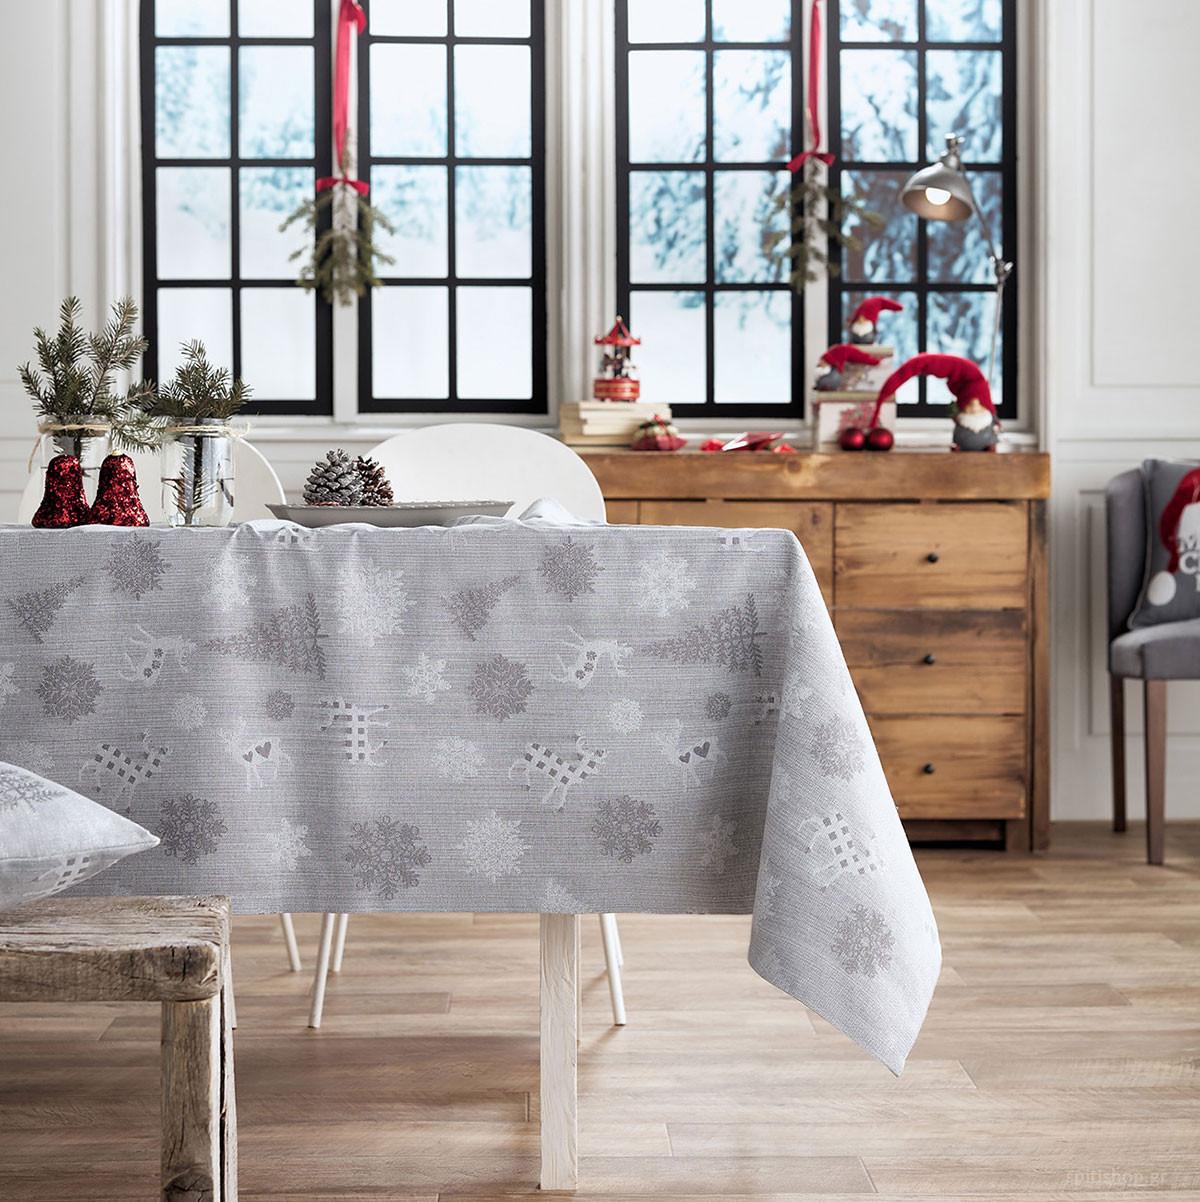 Χριστουγεννιάτικο Τραπεζομάντηλο (135×220) Gofis Home 285/15